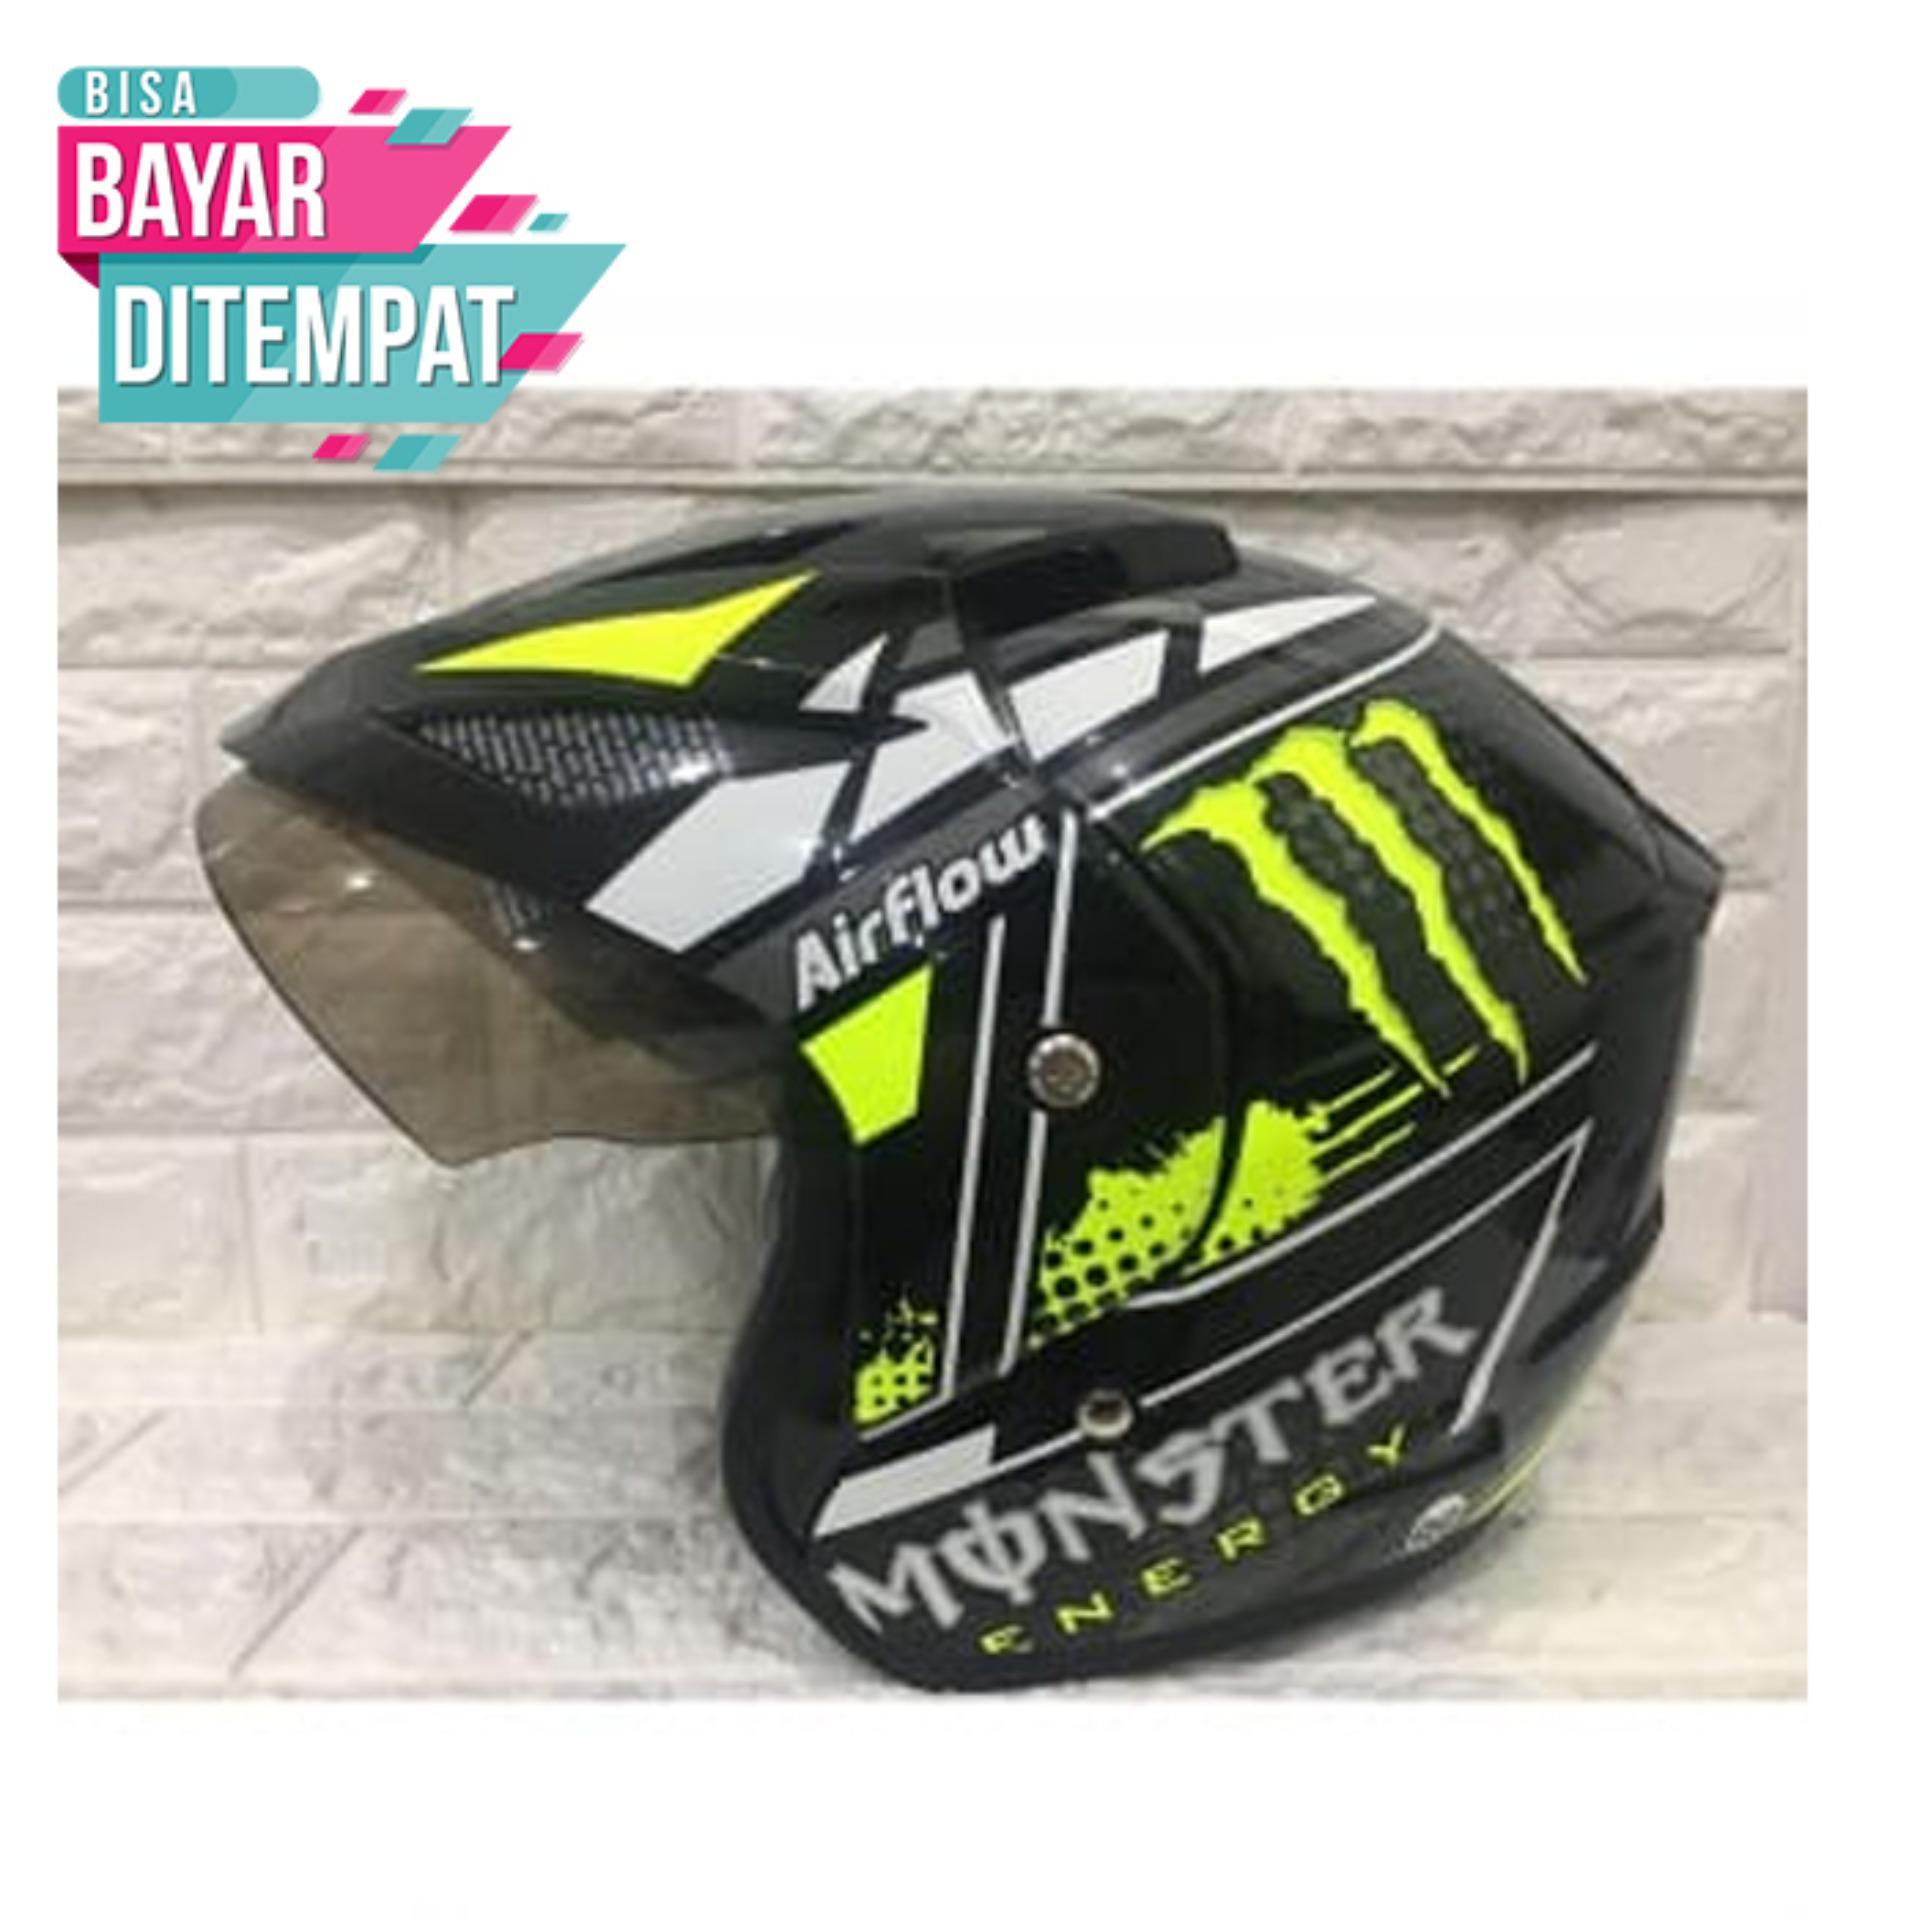 [Special Promo] Helmet Javelin - Monster - Hitam Kuning Kualitas Setara helm KYT INK GM WTO MSR BMC NHK